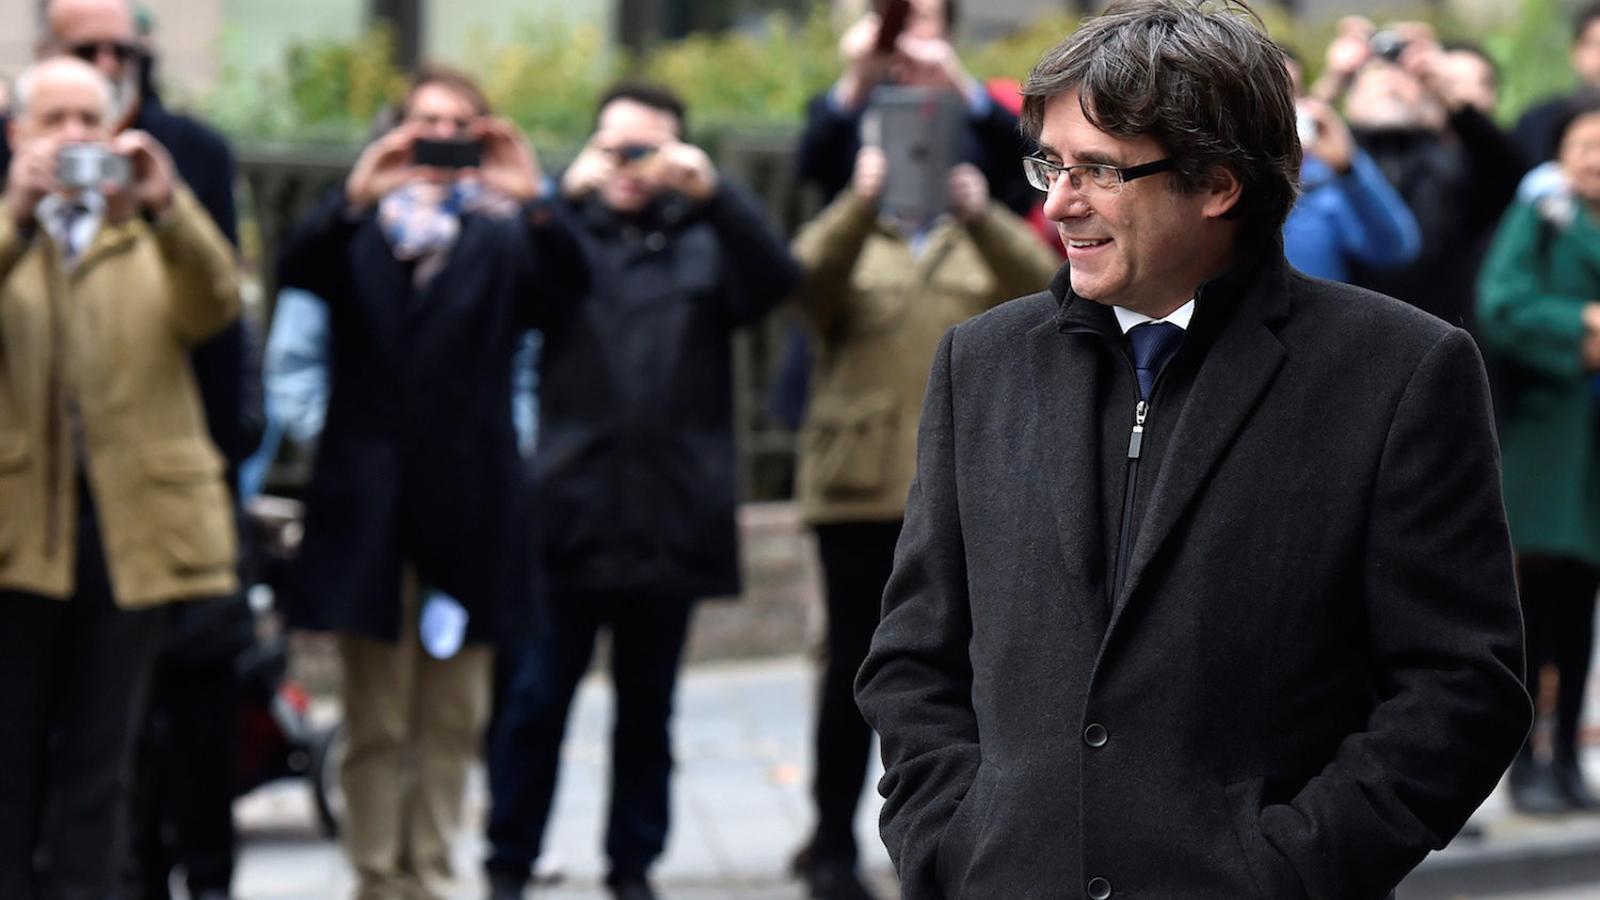 Qui és l'home que acompanya Carles Puigdemont a Brussel·les?